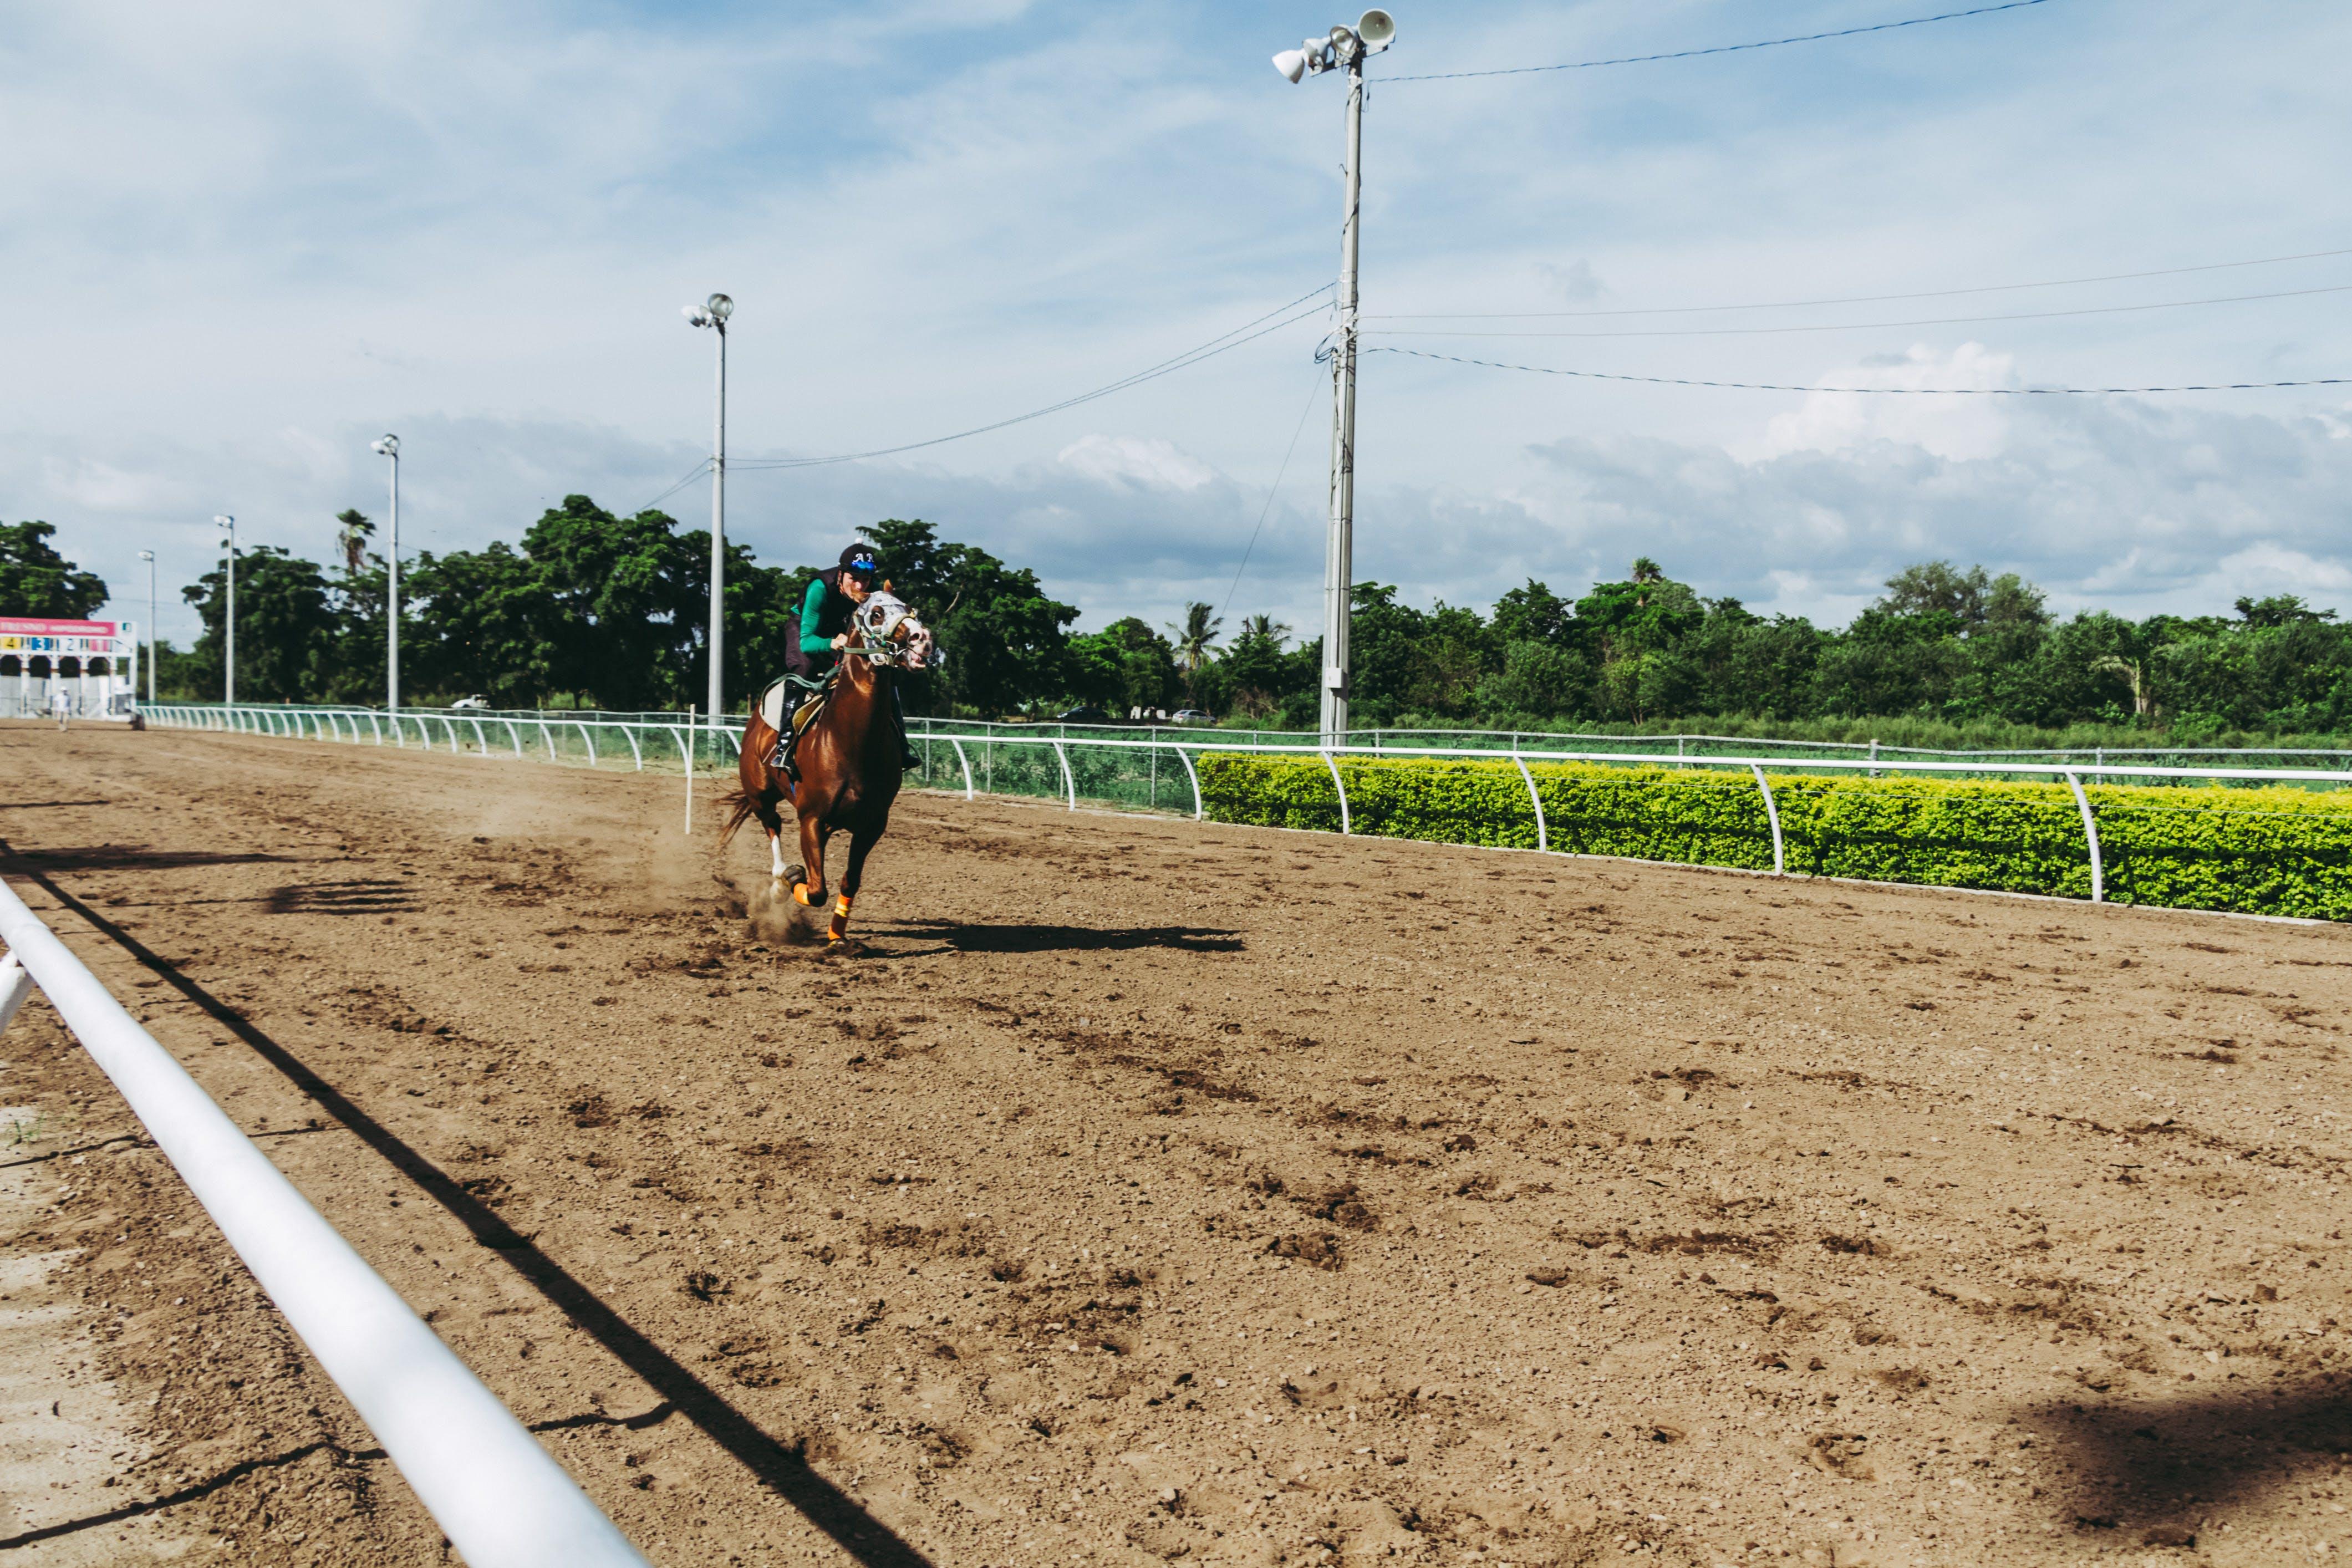 Fotos de stock gratuitas de animal, atracción, caballo, ecuestre